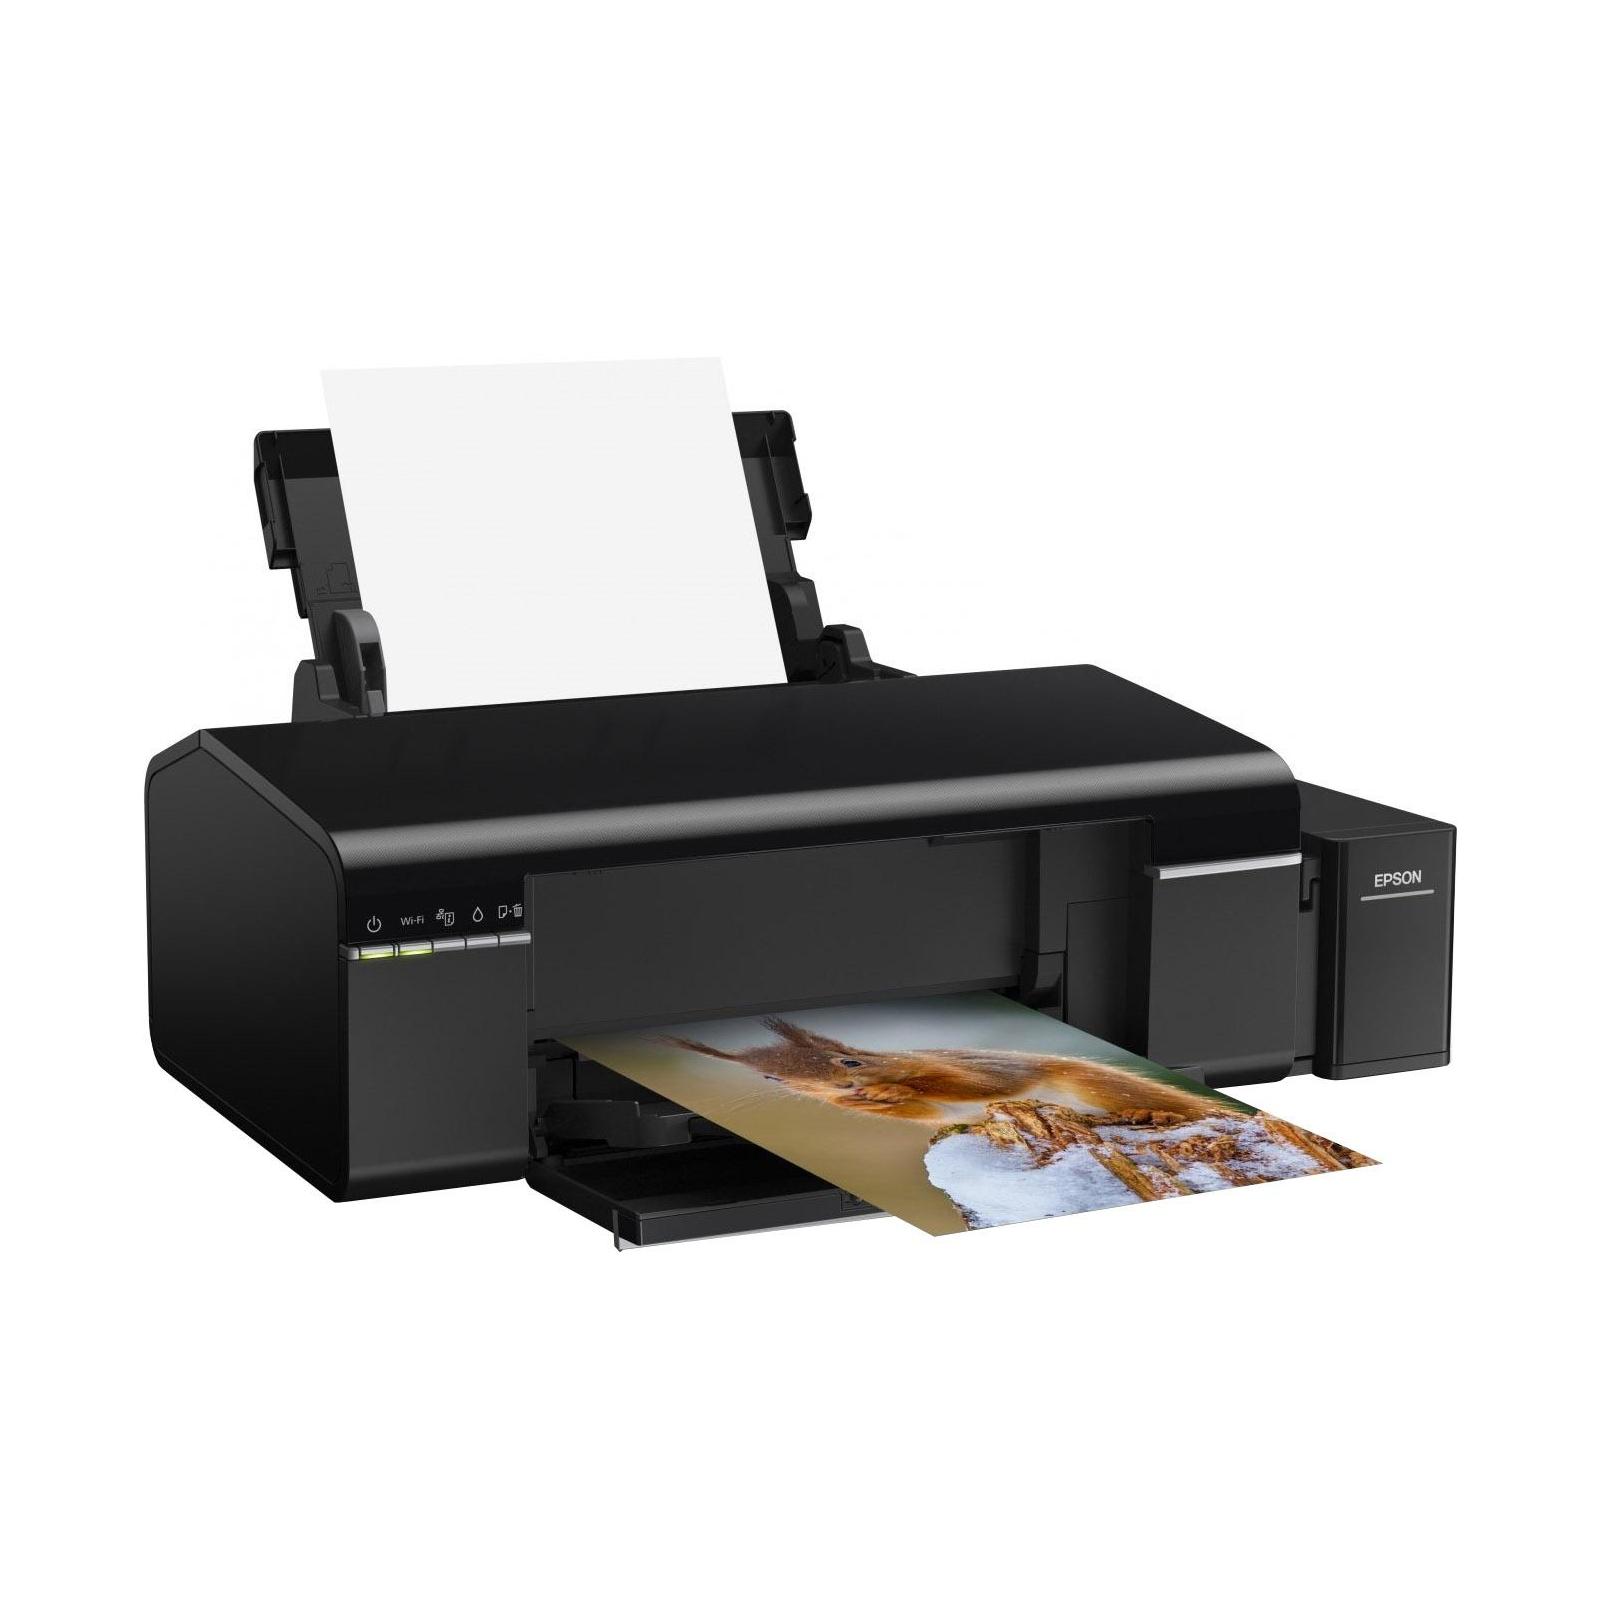 Струйный принтер Epson L805 (C11CE86403) изображение 3